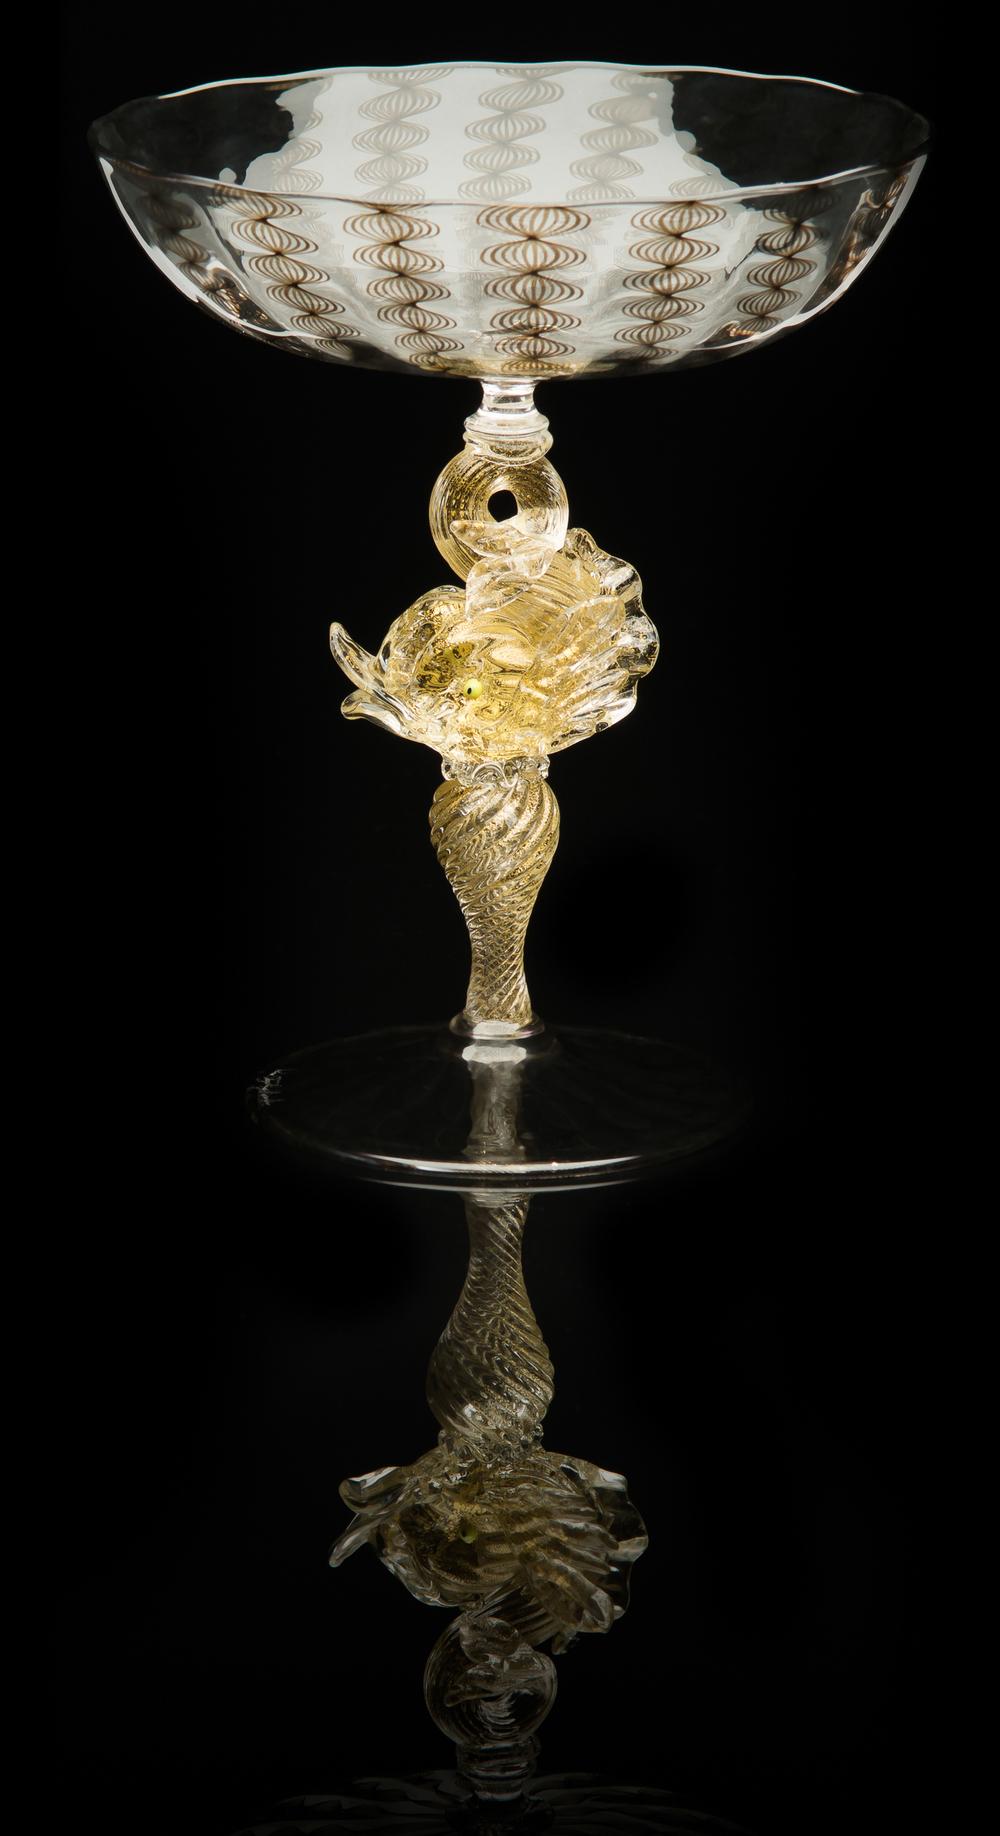 Lino Tagliapietra, Dolphin-stem Goblet, (1991-1994, glass, 6 13/16 x 5 3/4 x 5 3/4 inches), LT.26